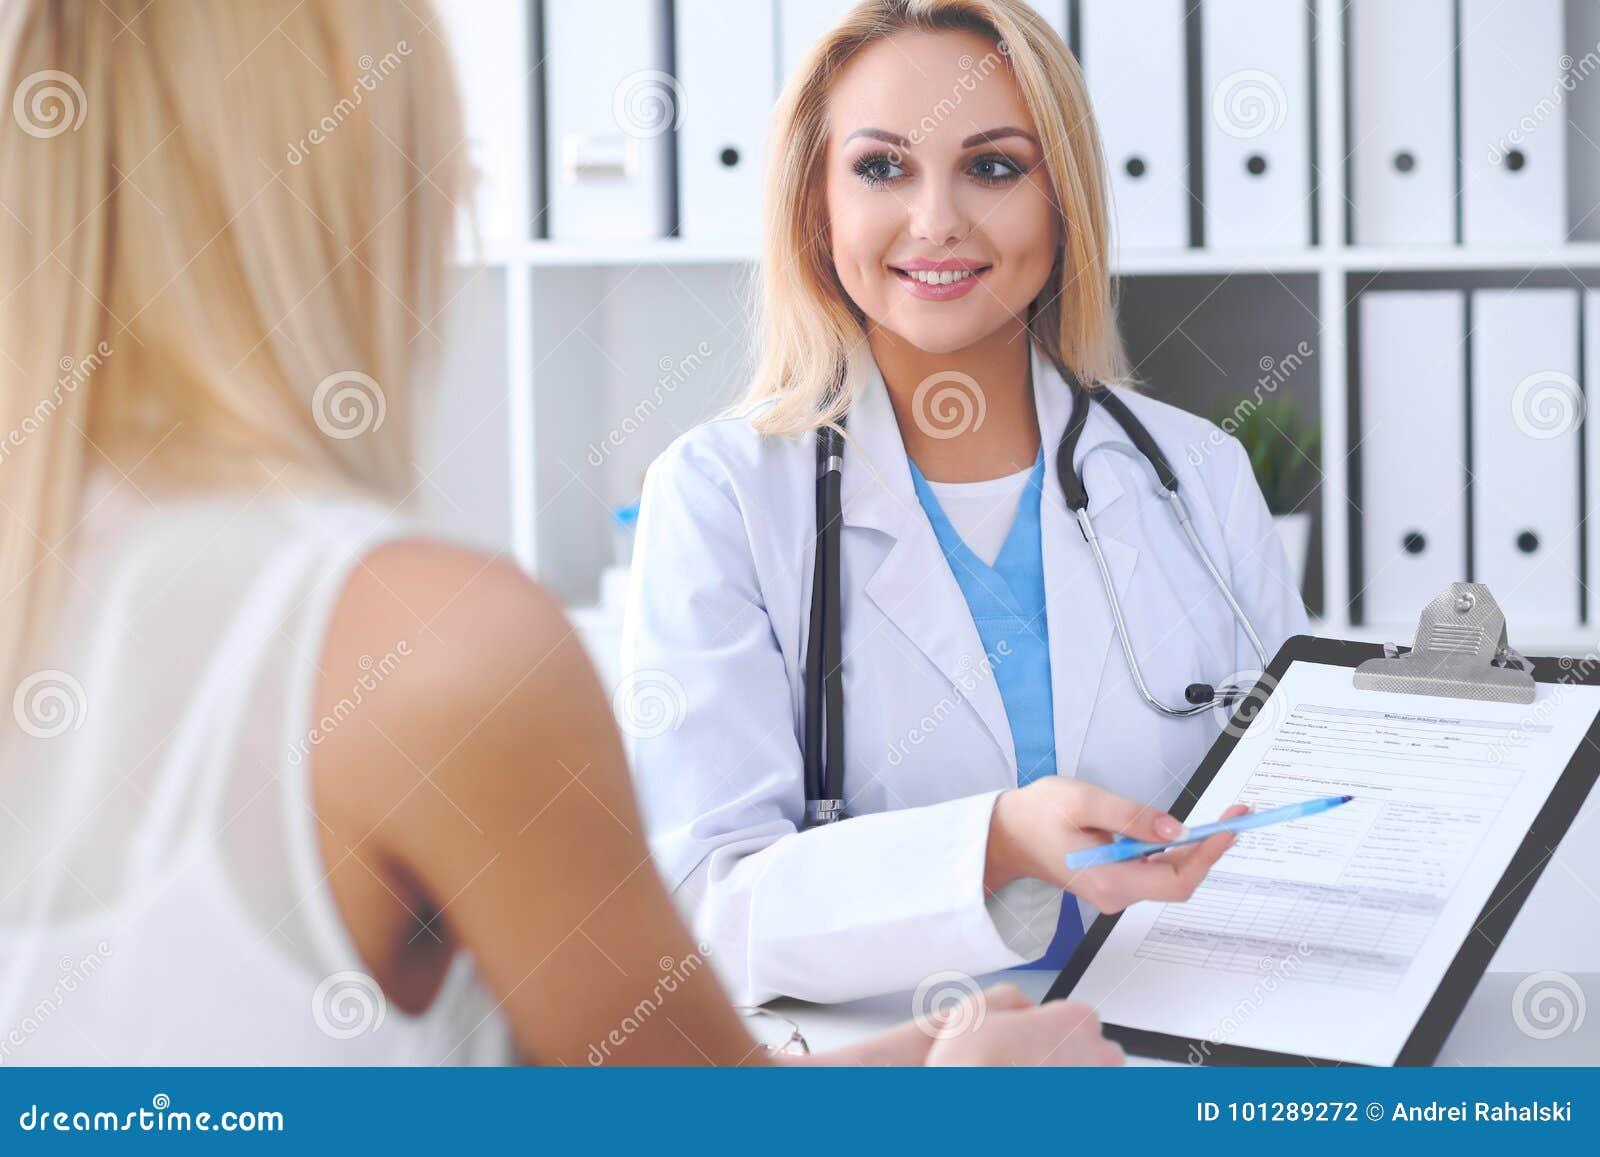 Lekarka i pacjent dyskutuje coś podczas gdy lekarz wskazuje w medycznej historii formę przy schowkiem